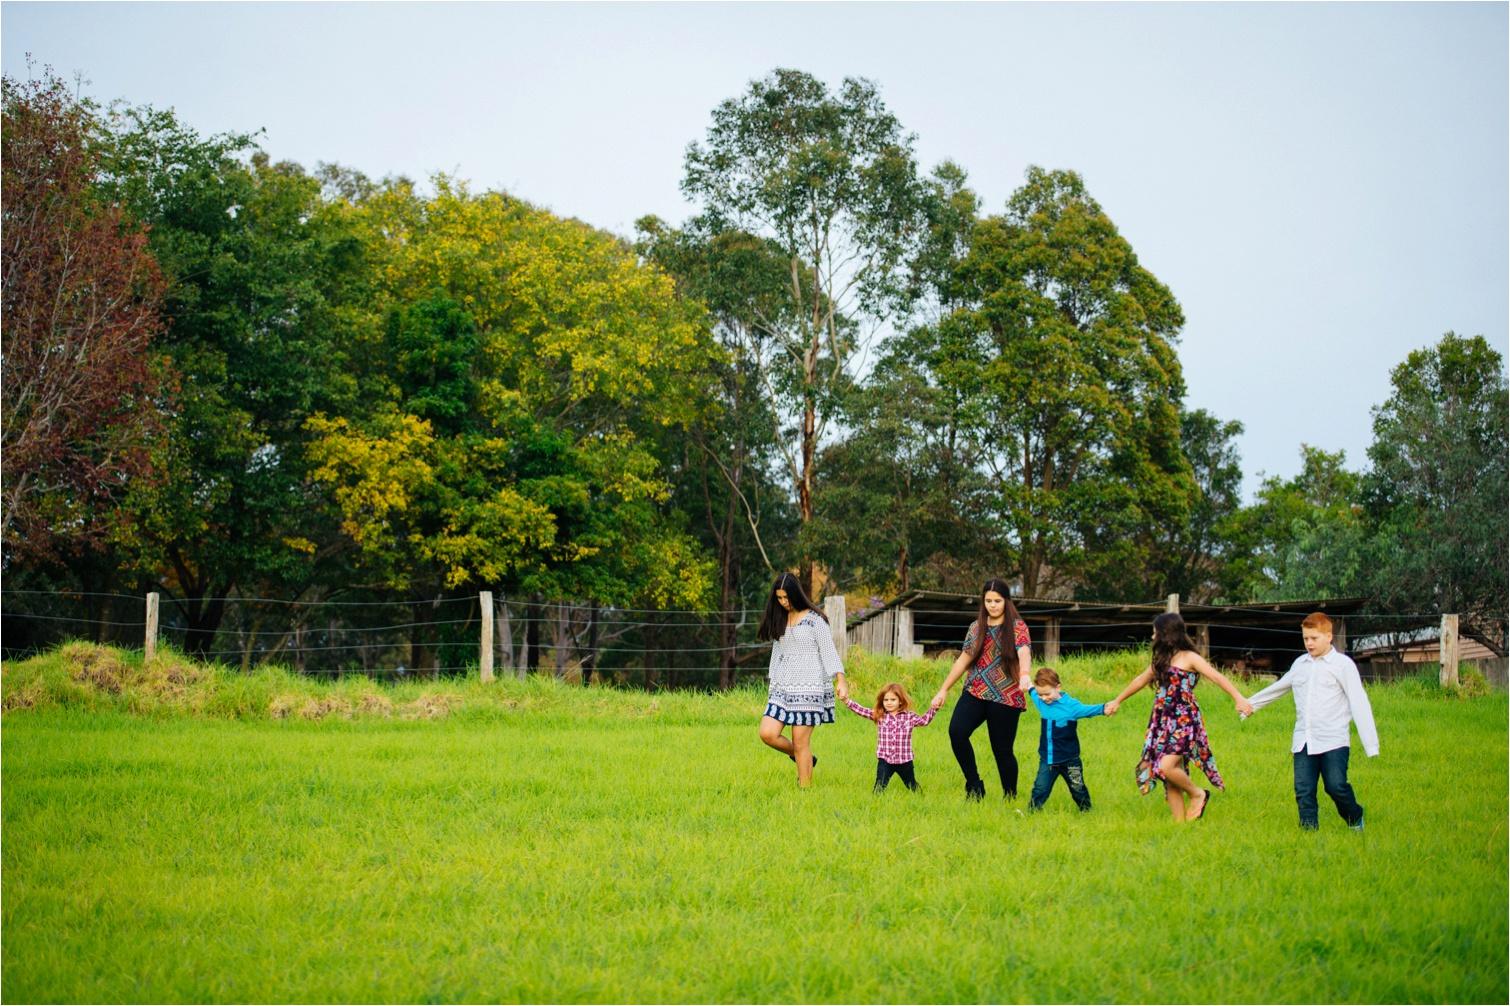 park-family-photos_gold-coast-17.jpg